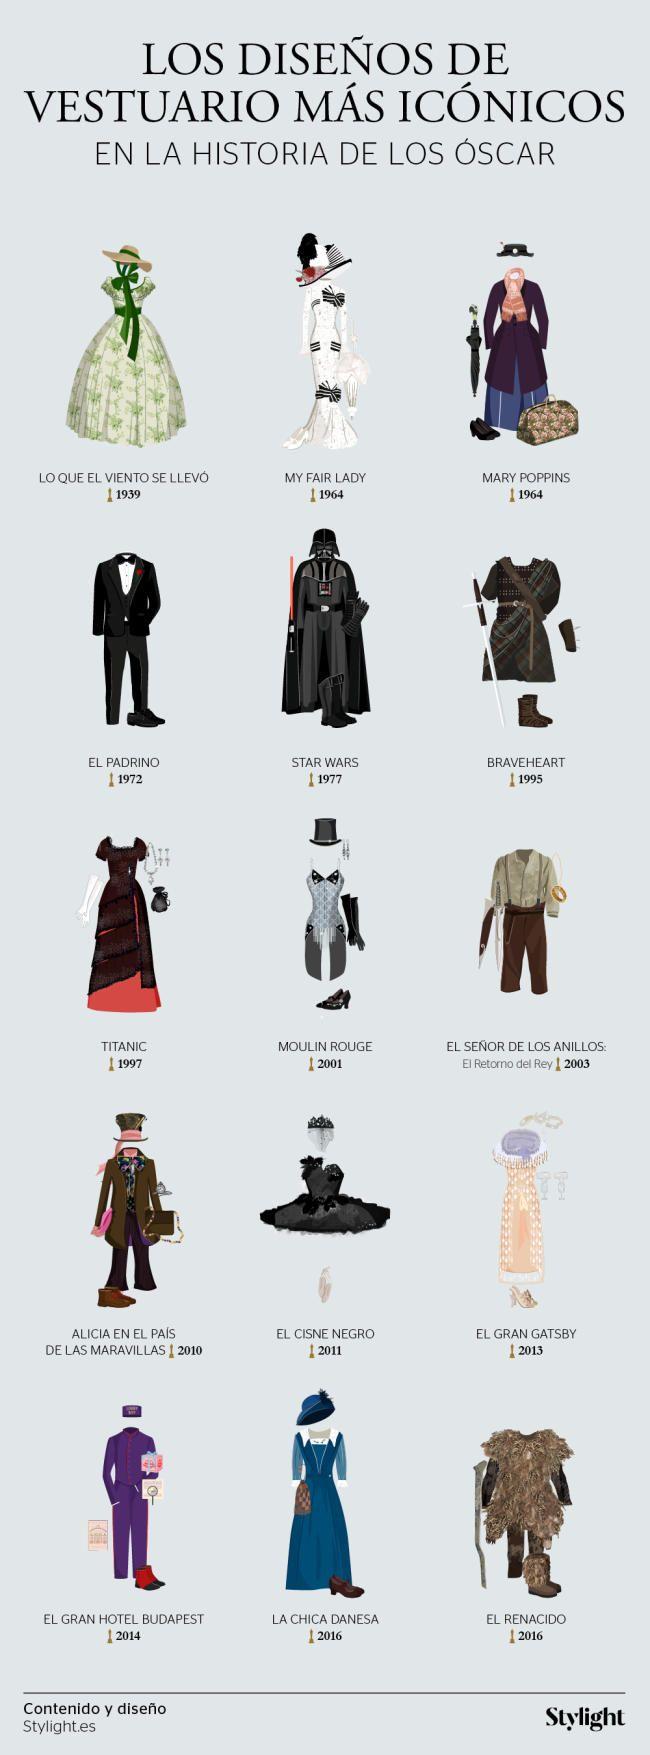 Los diseños de vestuario más icónicos de los Oscars - La Opinión A Coruña